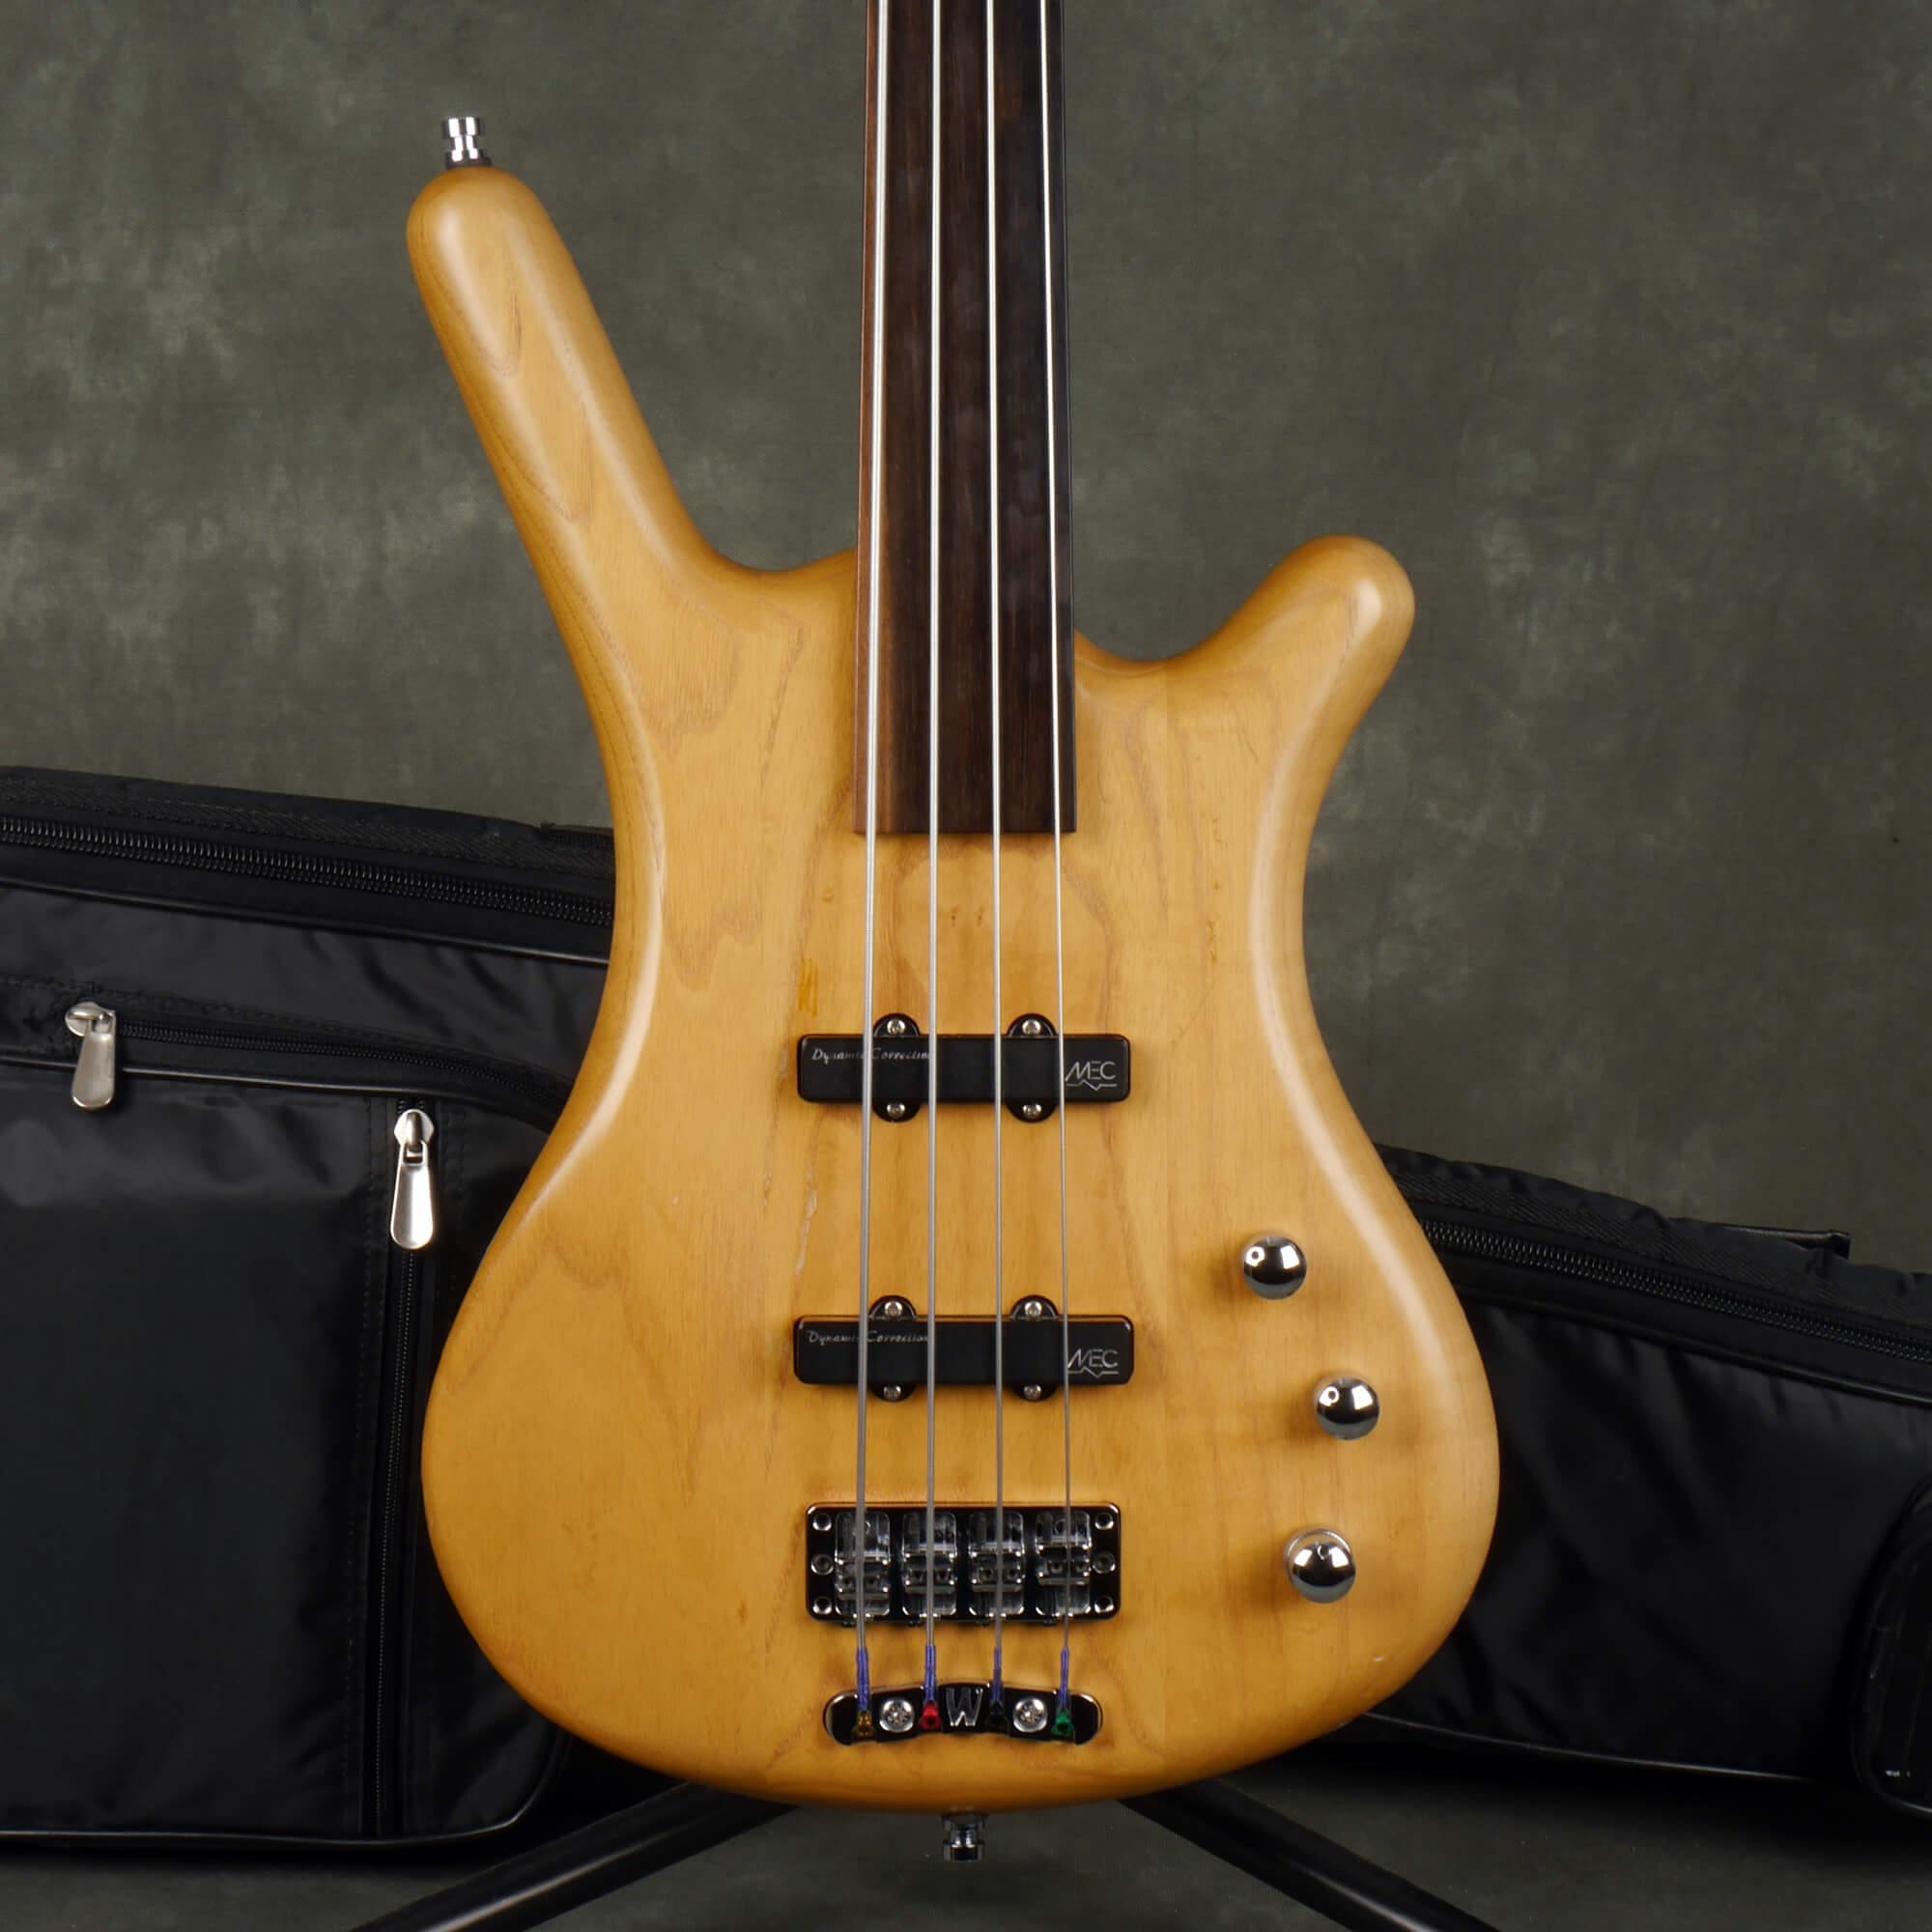 Warwick Corvette Fretless Bass Guitar - Natural w/Gig Bag - 2nd Hand